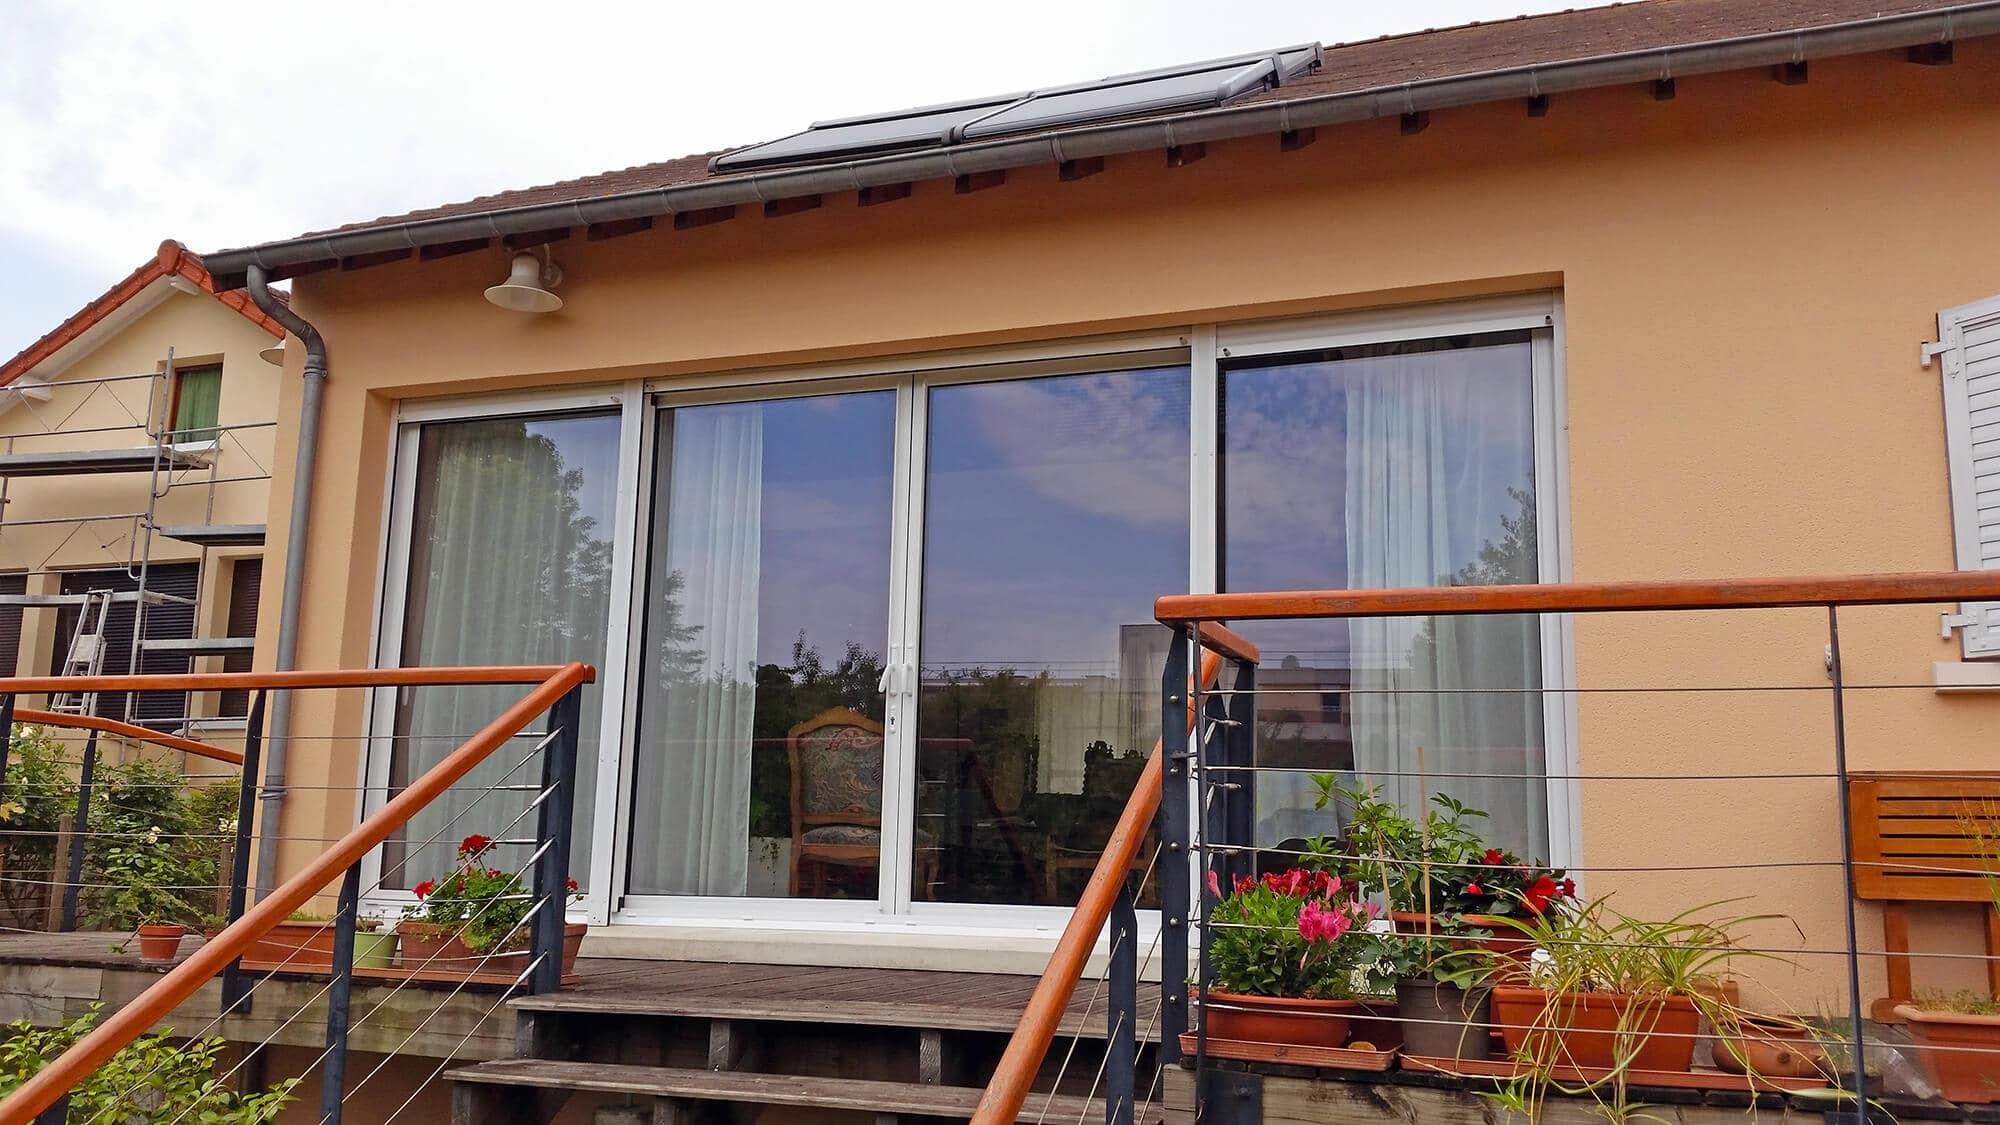 Fenetre Coulissante 4 Vantaux Maison Design